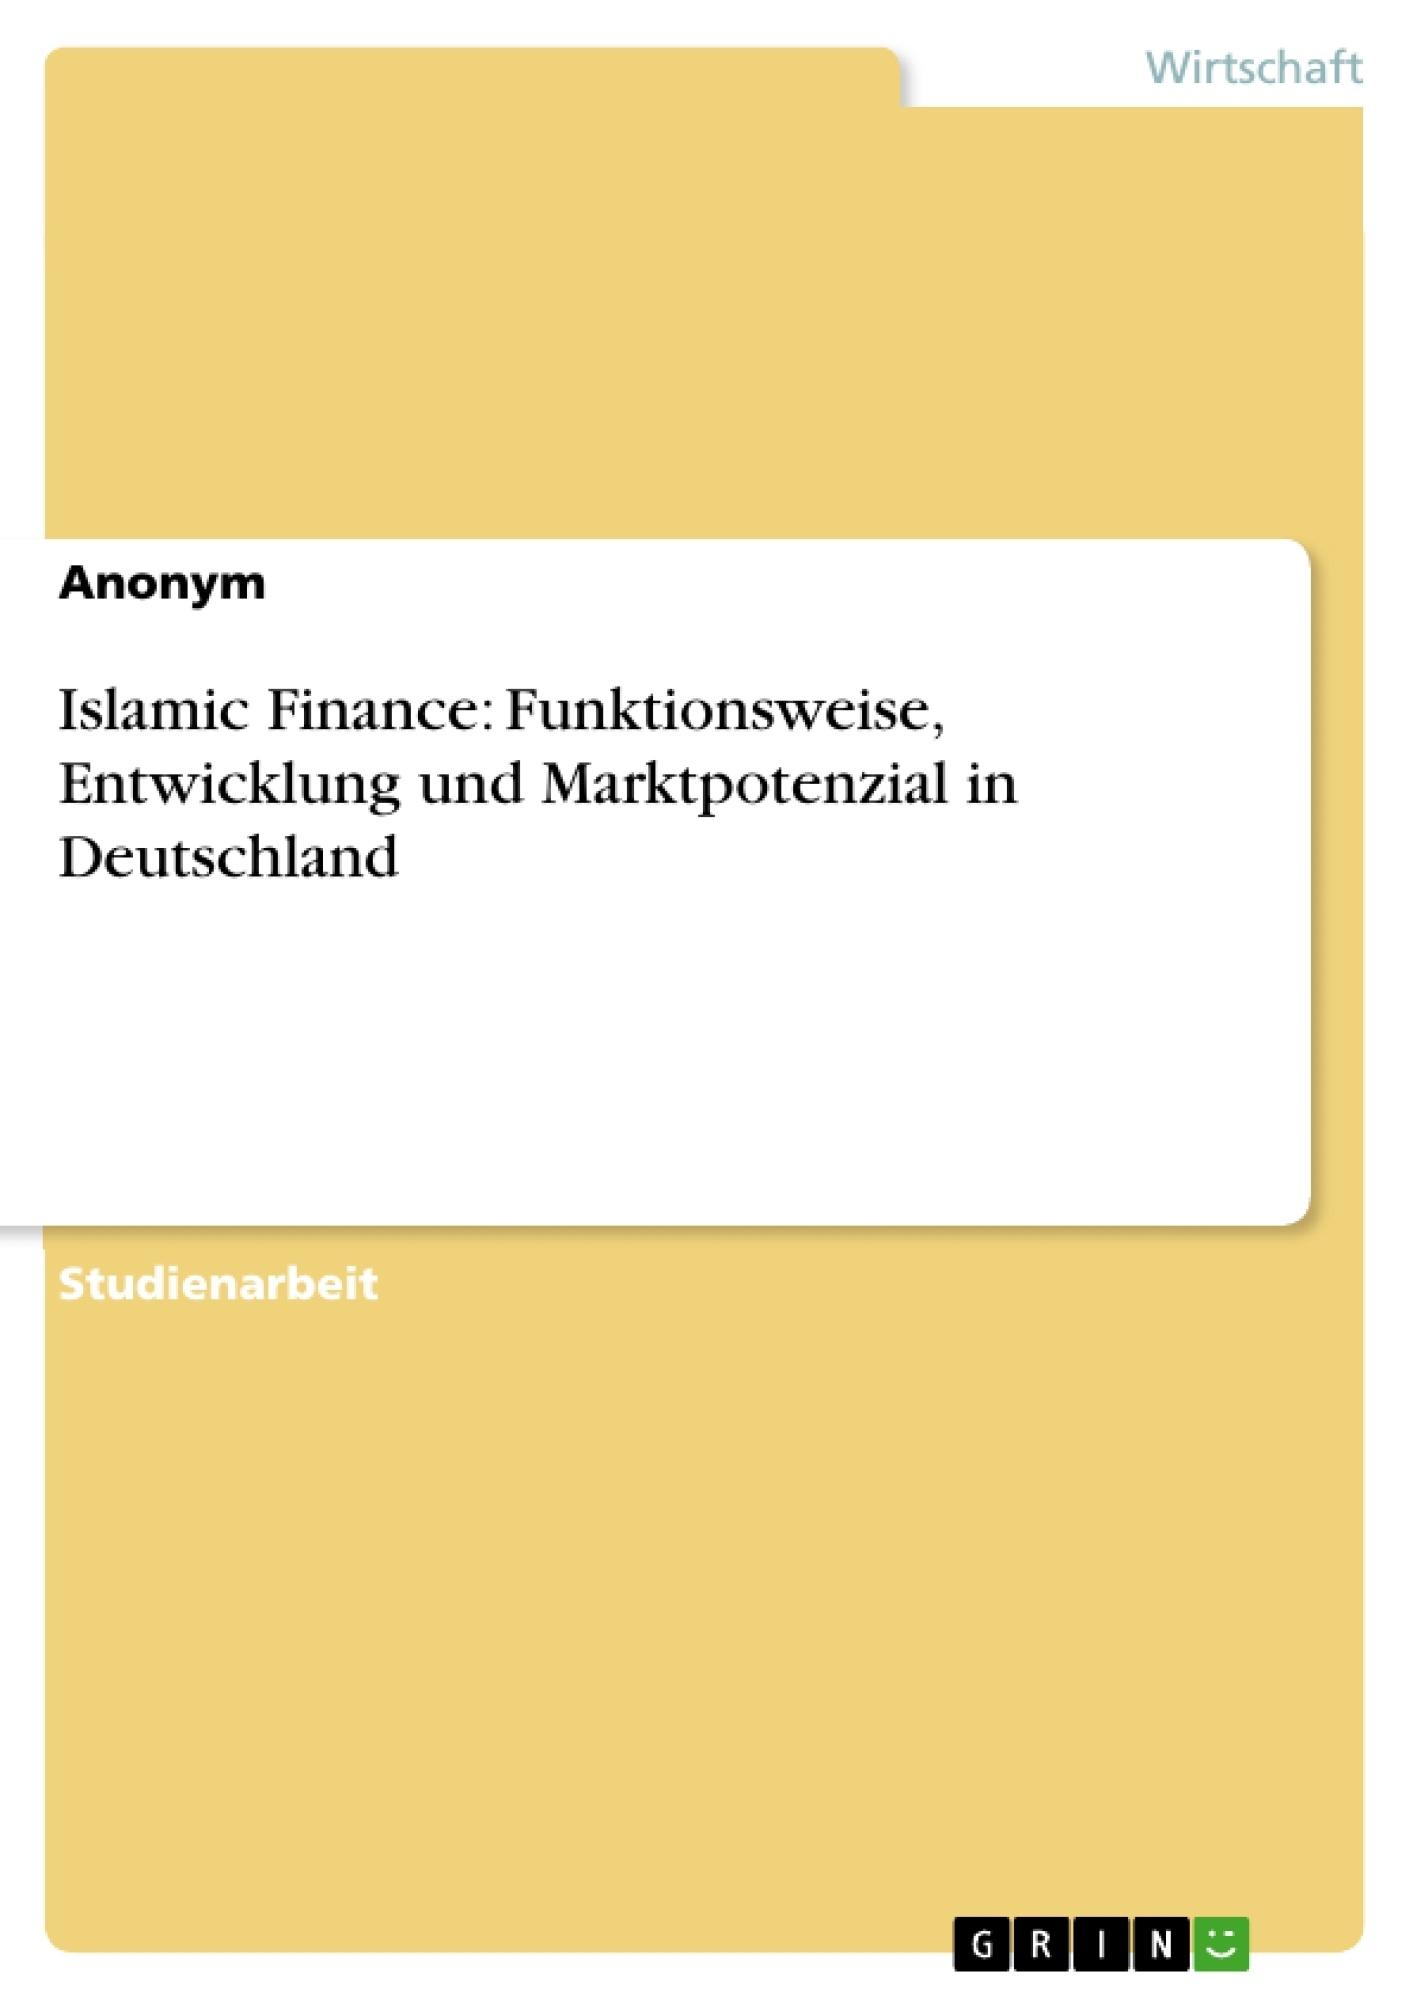 Titel: Islamic Finance: Funktionsweise, Entwicklung und Marktpotenzial in Deutschland